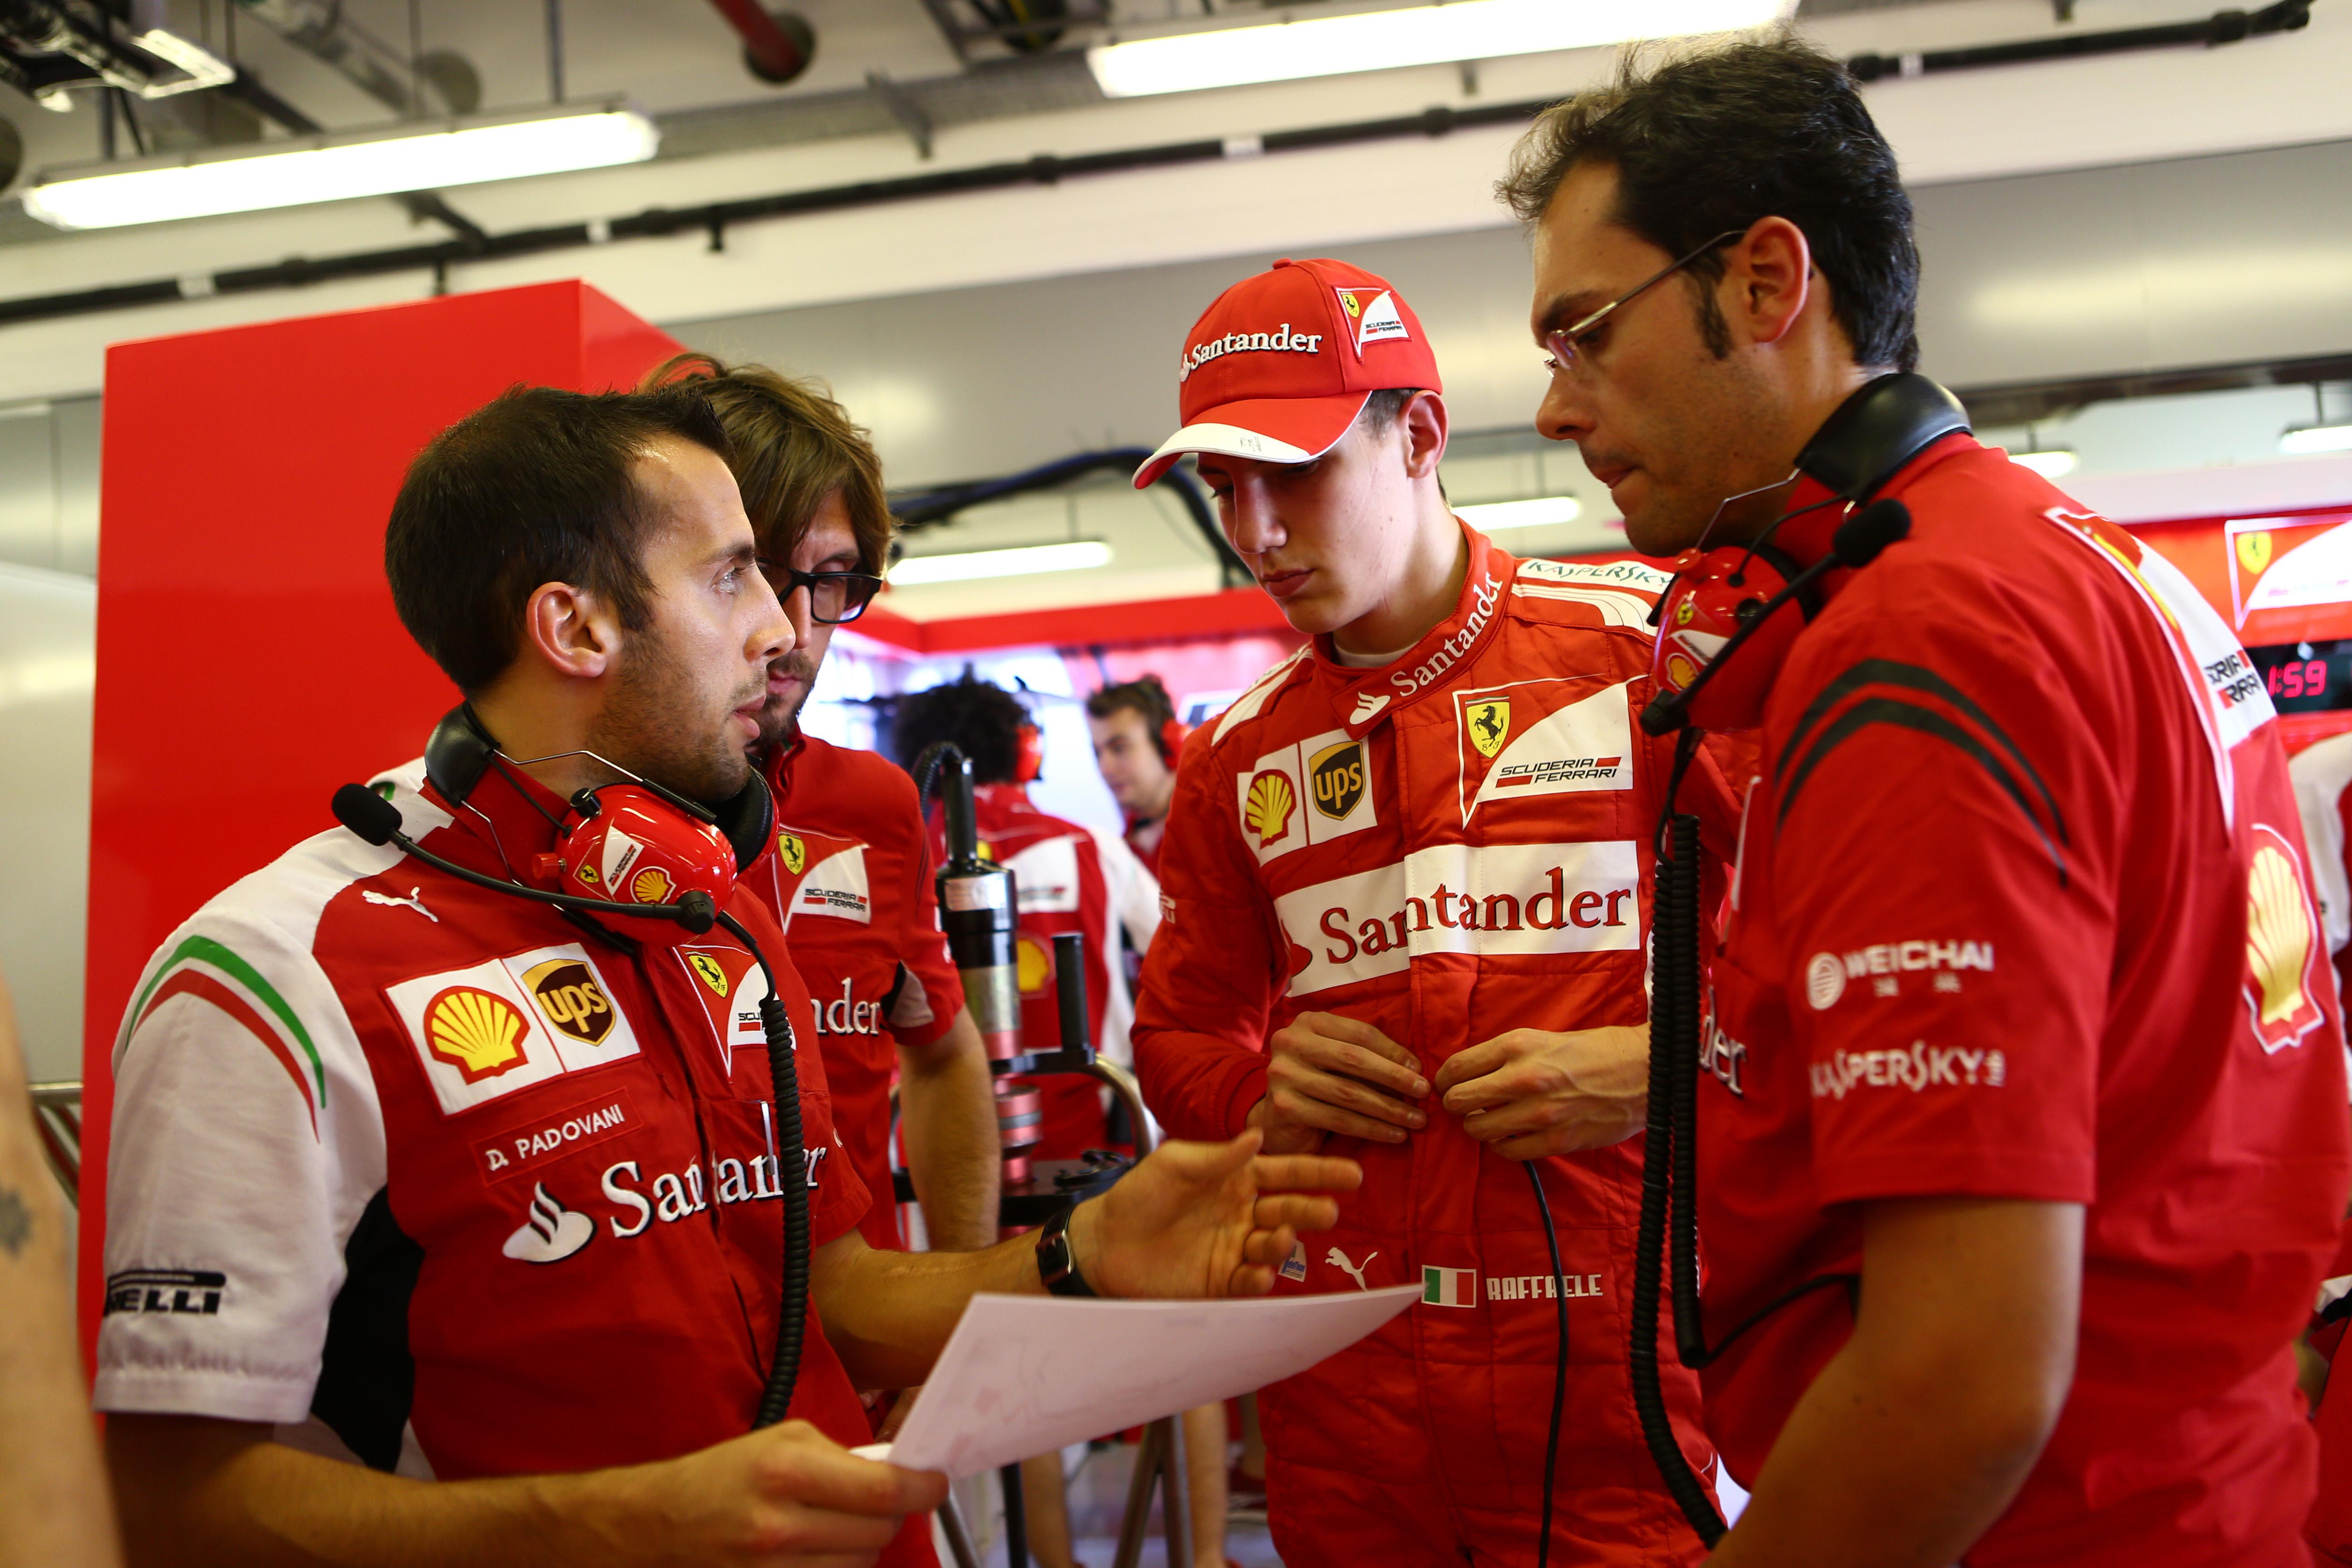 L'Italia torna in F1 con Marciello, tester e terzo pilota Sauber